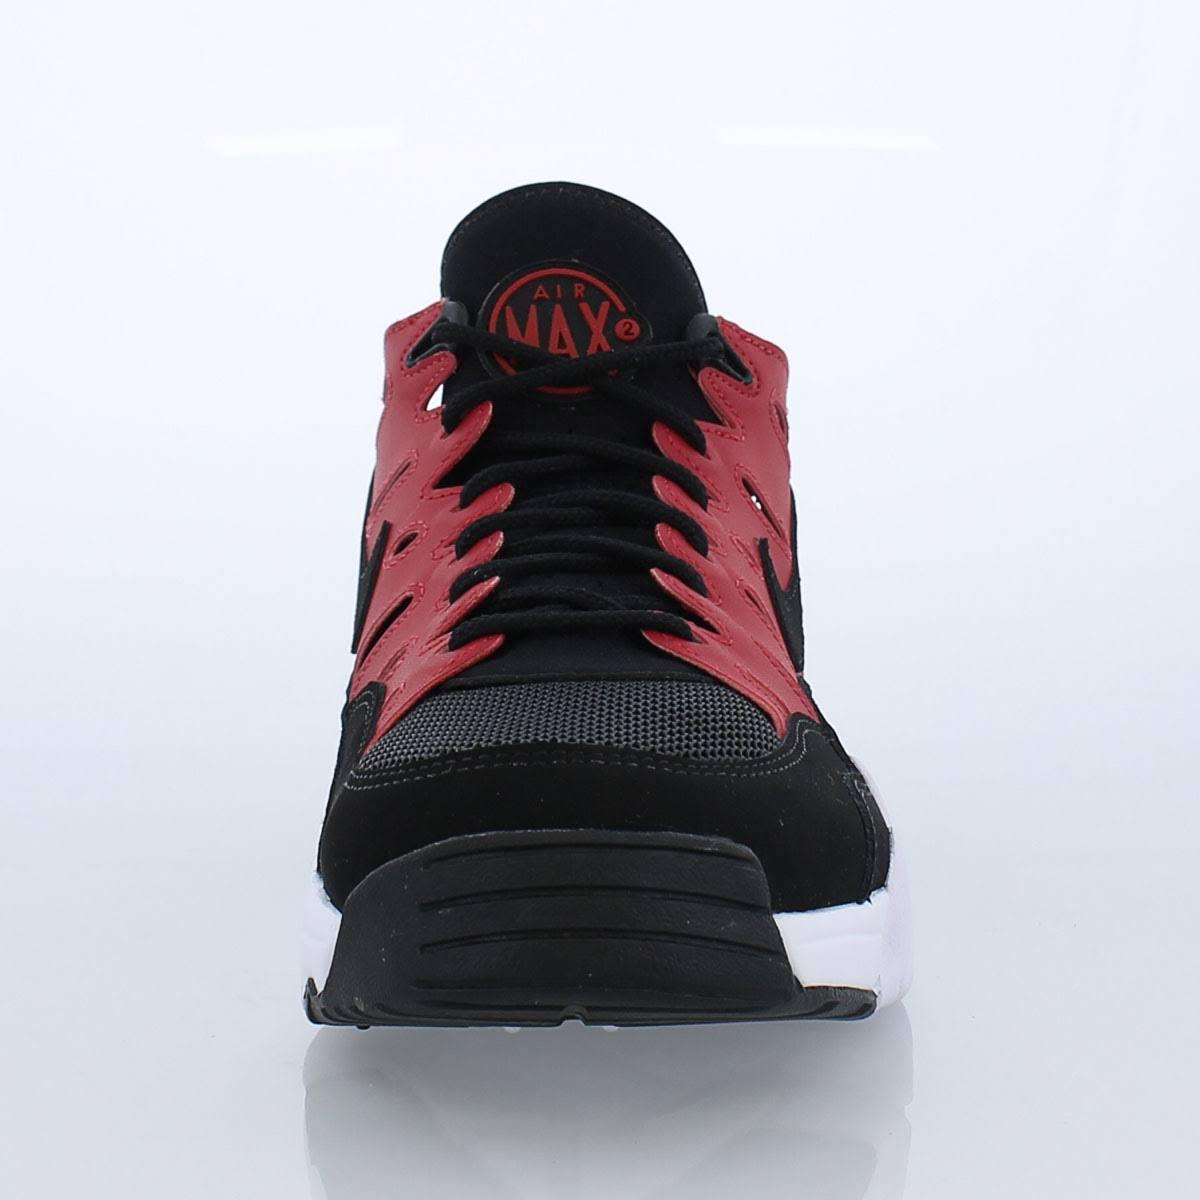 Low Biały 11 Nike Rozmiar Czerwony Gym Trainer Max 880885 Czarny 94 Air 600 H8wI78qT